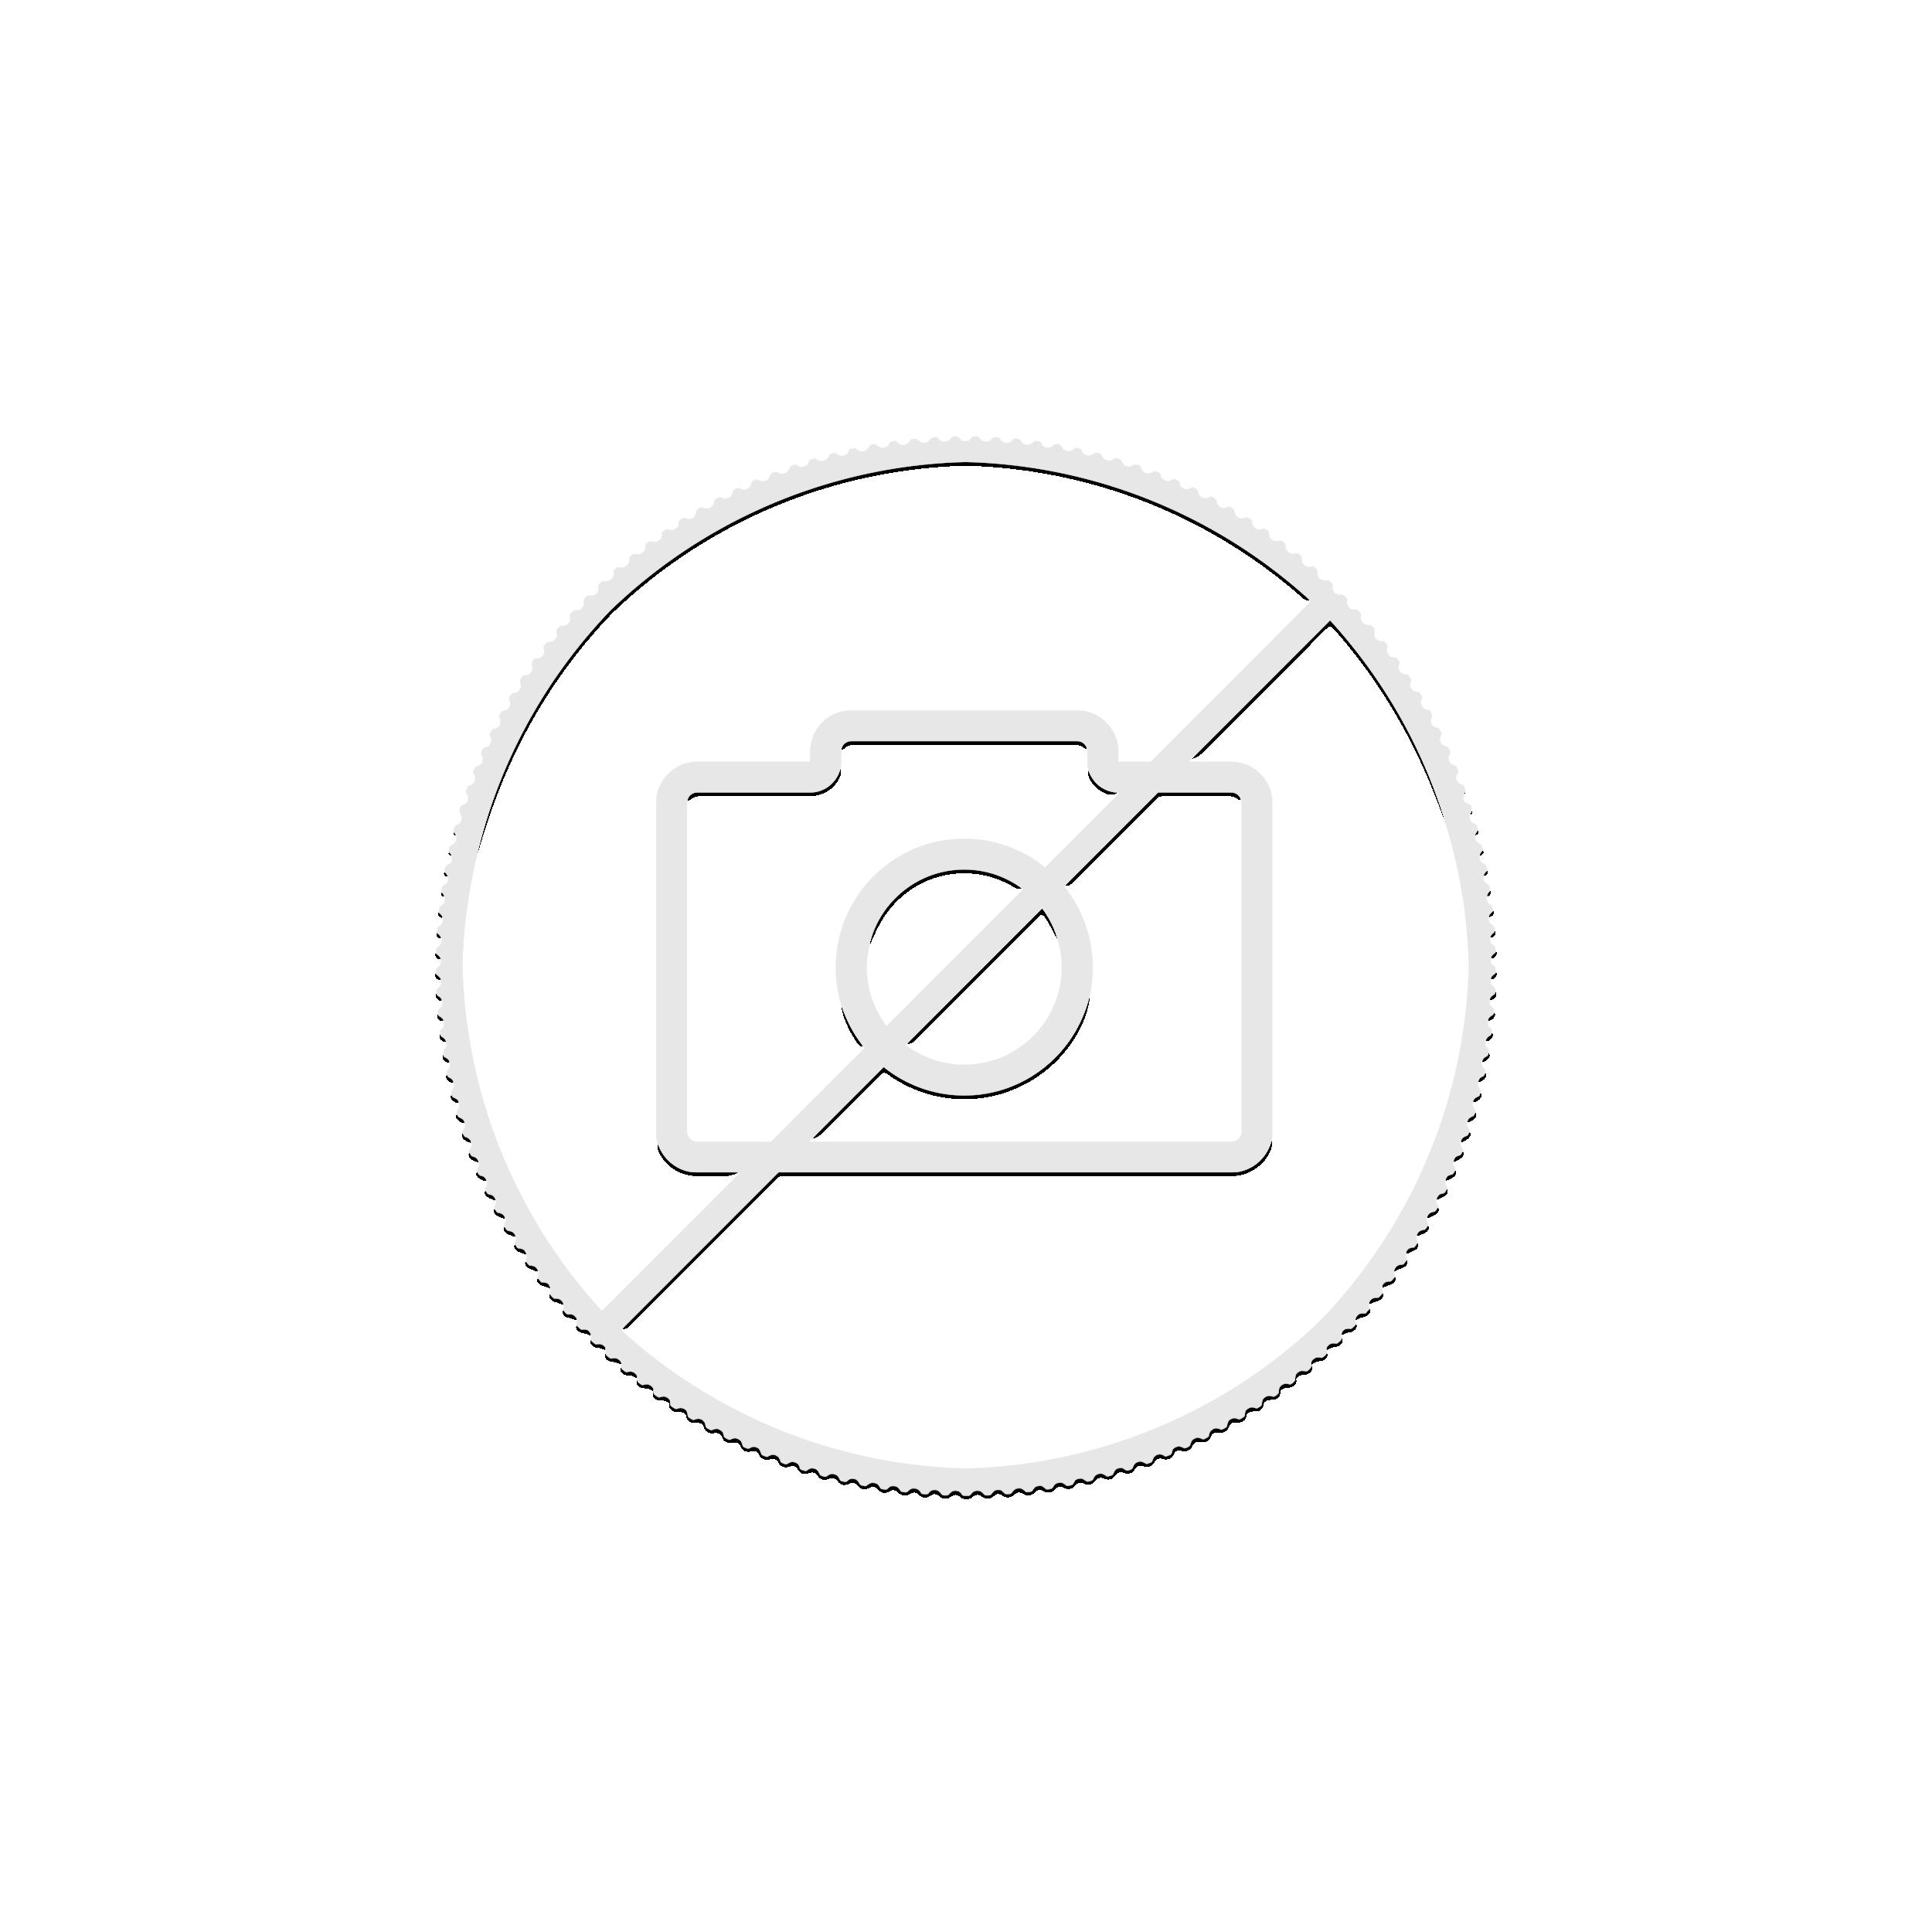 Goudbaar 20 gram Pamp Suisse Fortuna